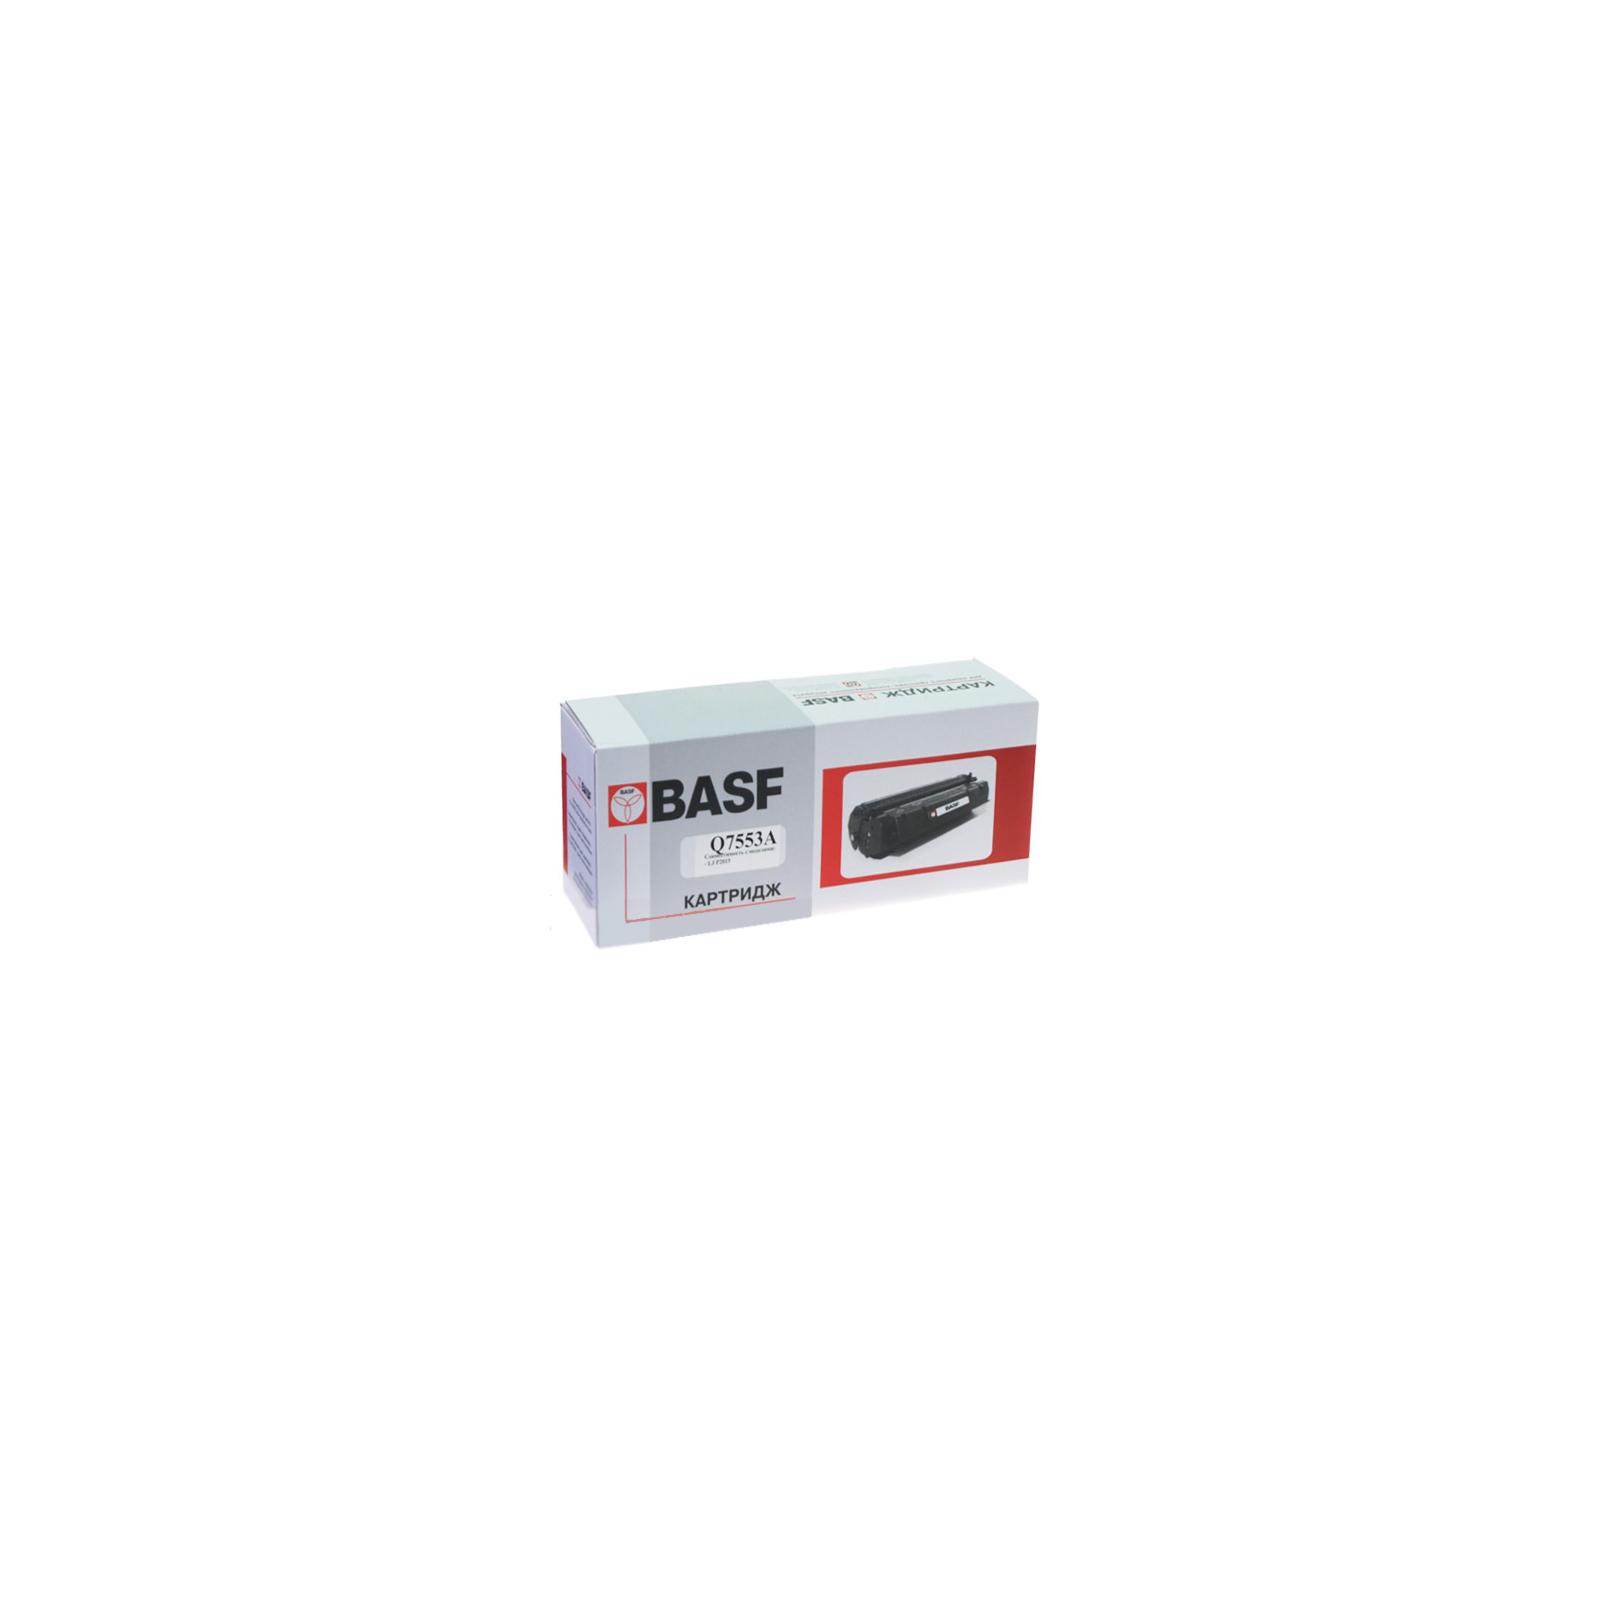 Драм картридж BASF для Panasonic KX-FL513 (BKX-FA84Drum)